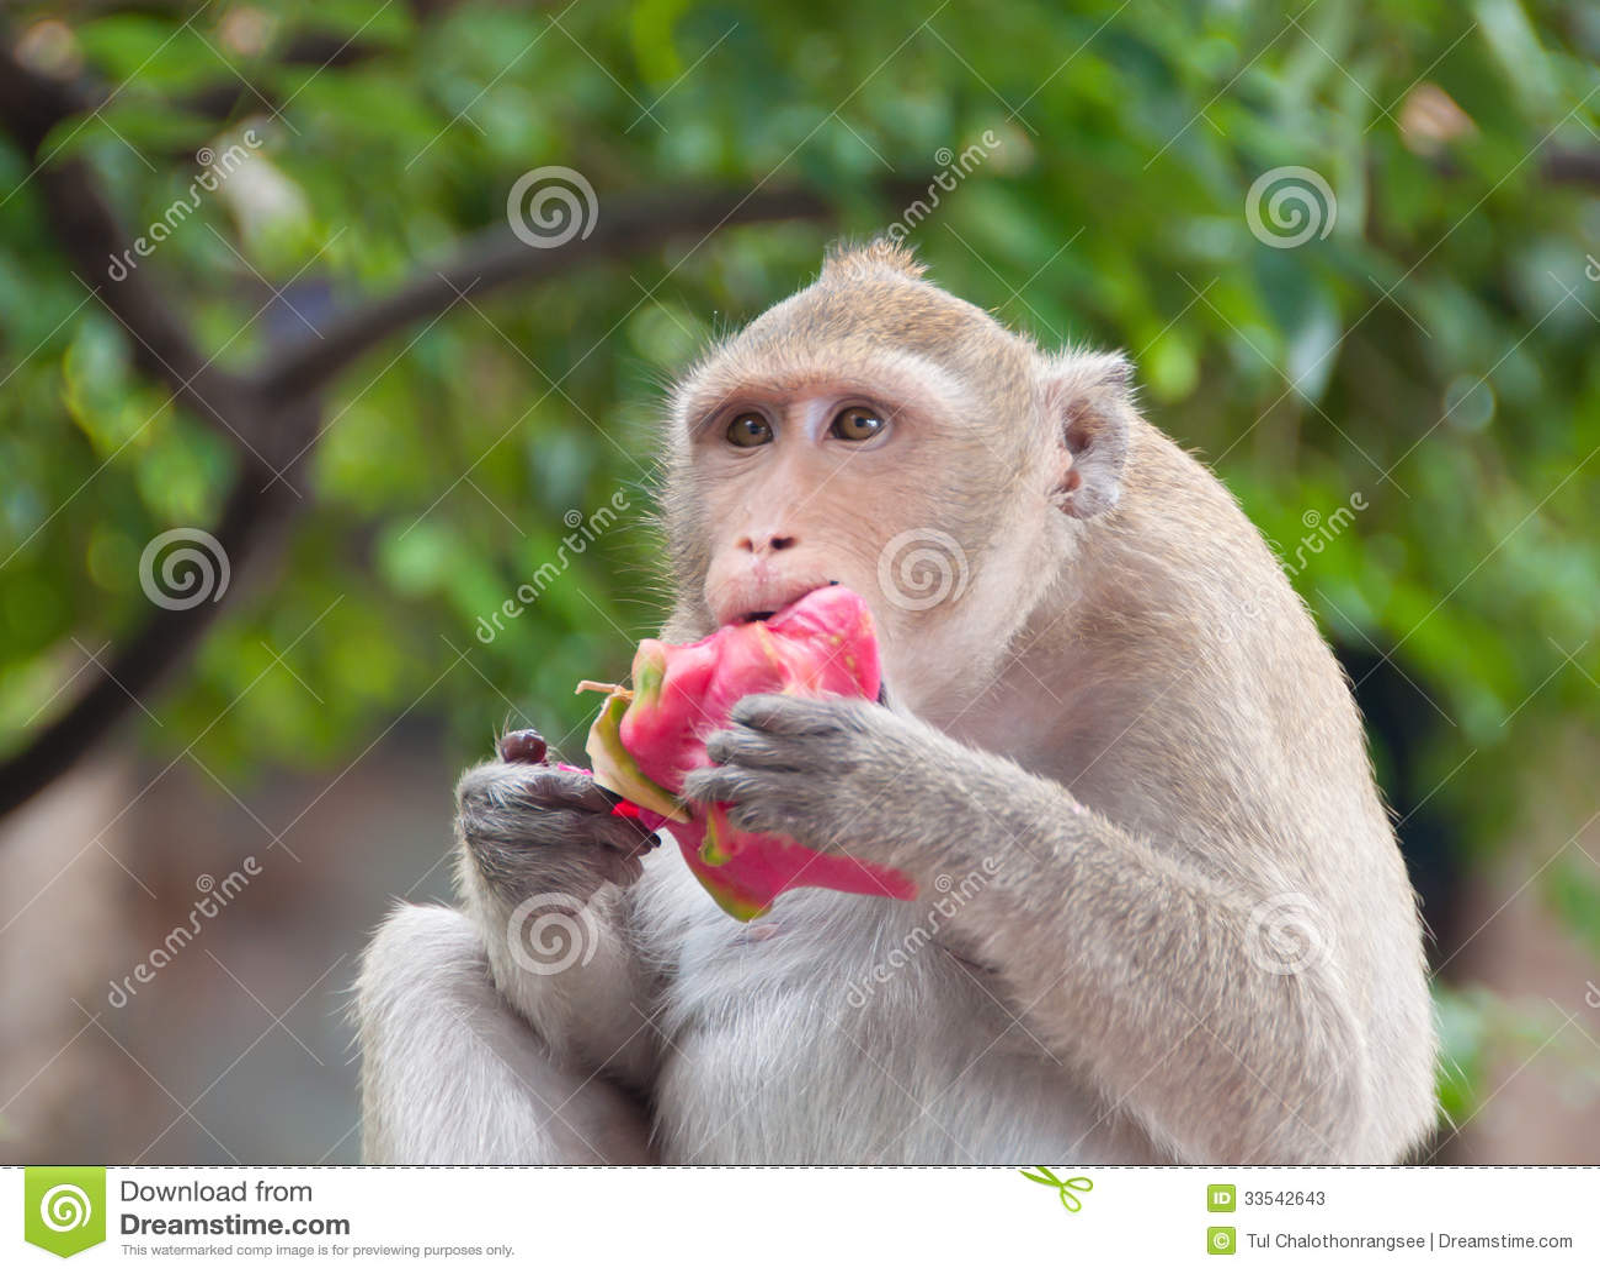 Monkey Eating Fruit Stock Photos